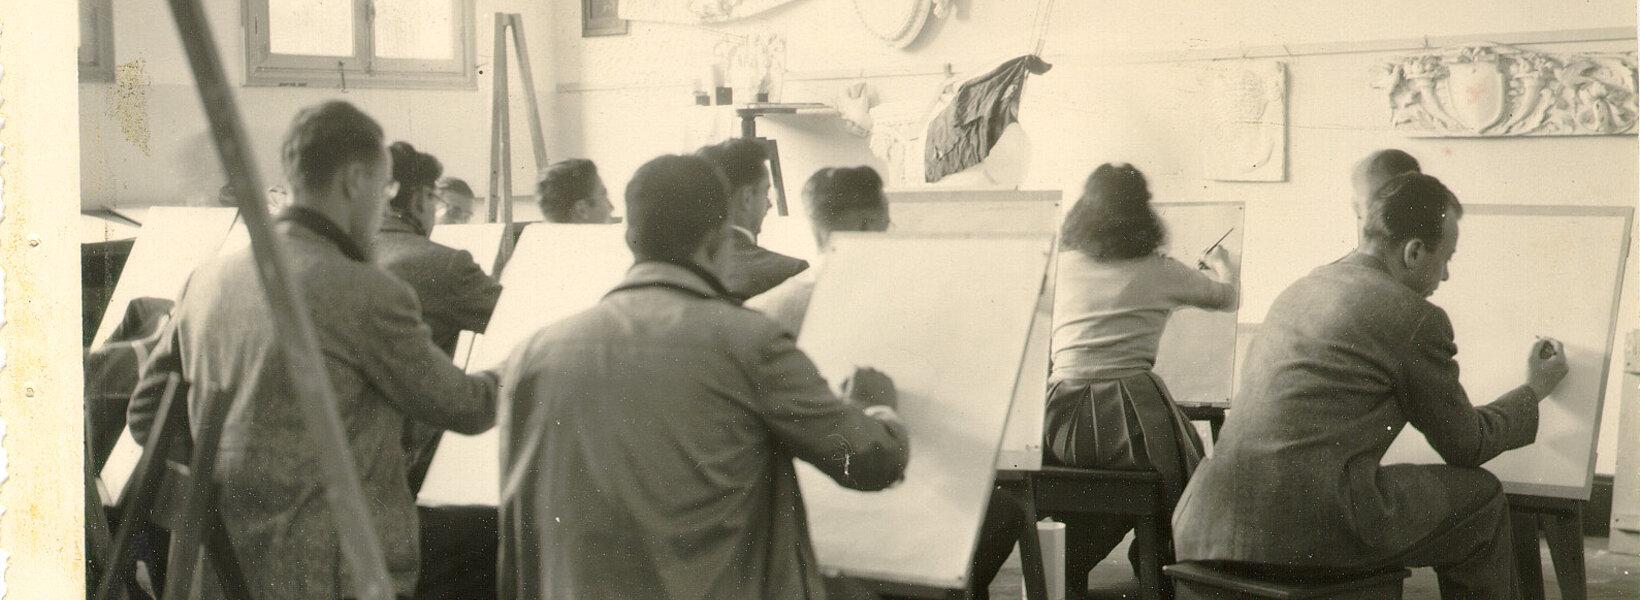 Faculdade de Arquitetura 1917